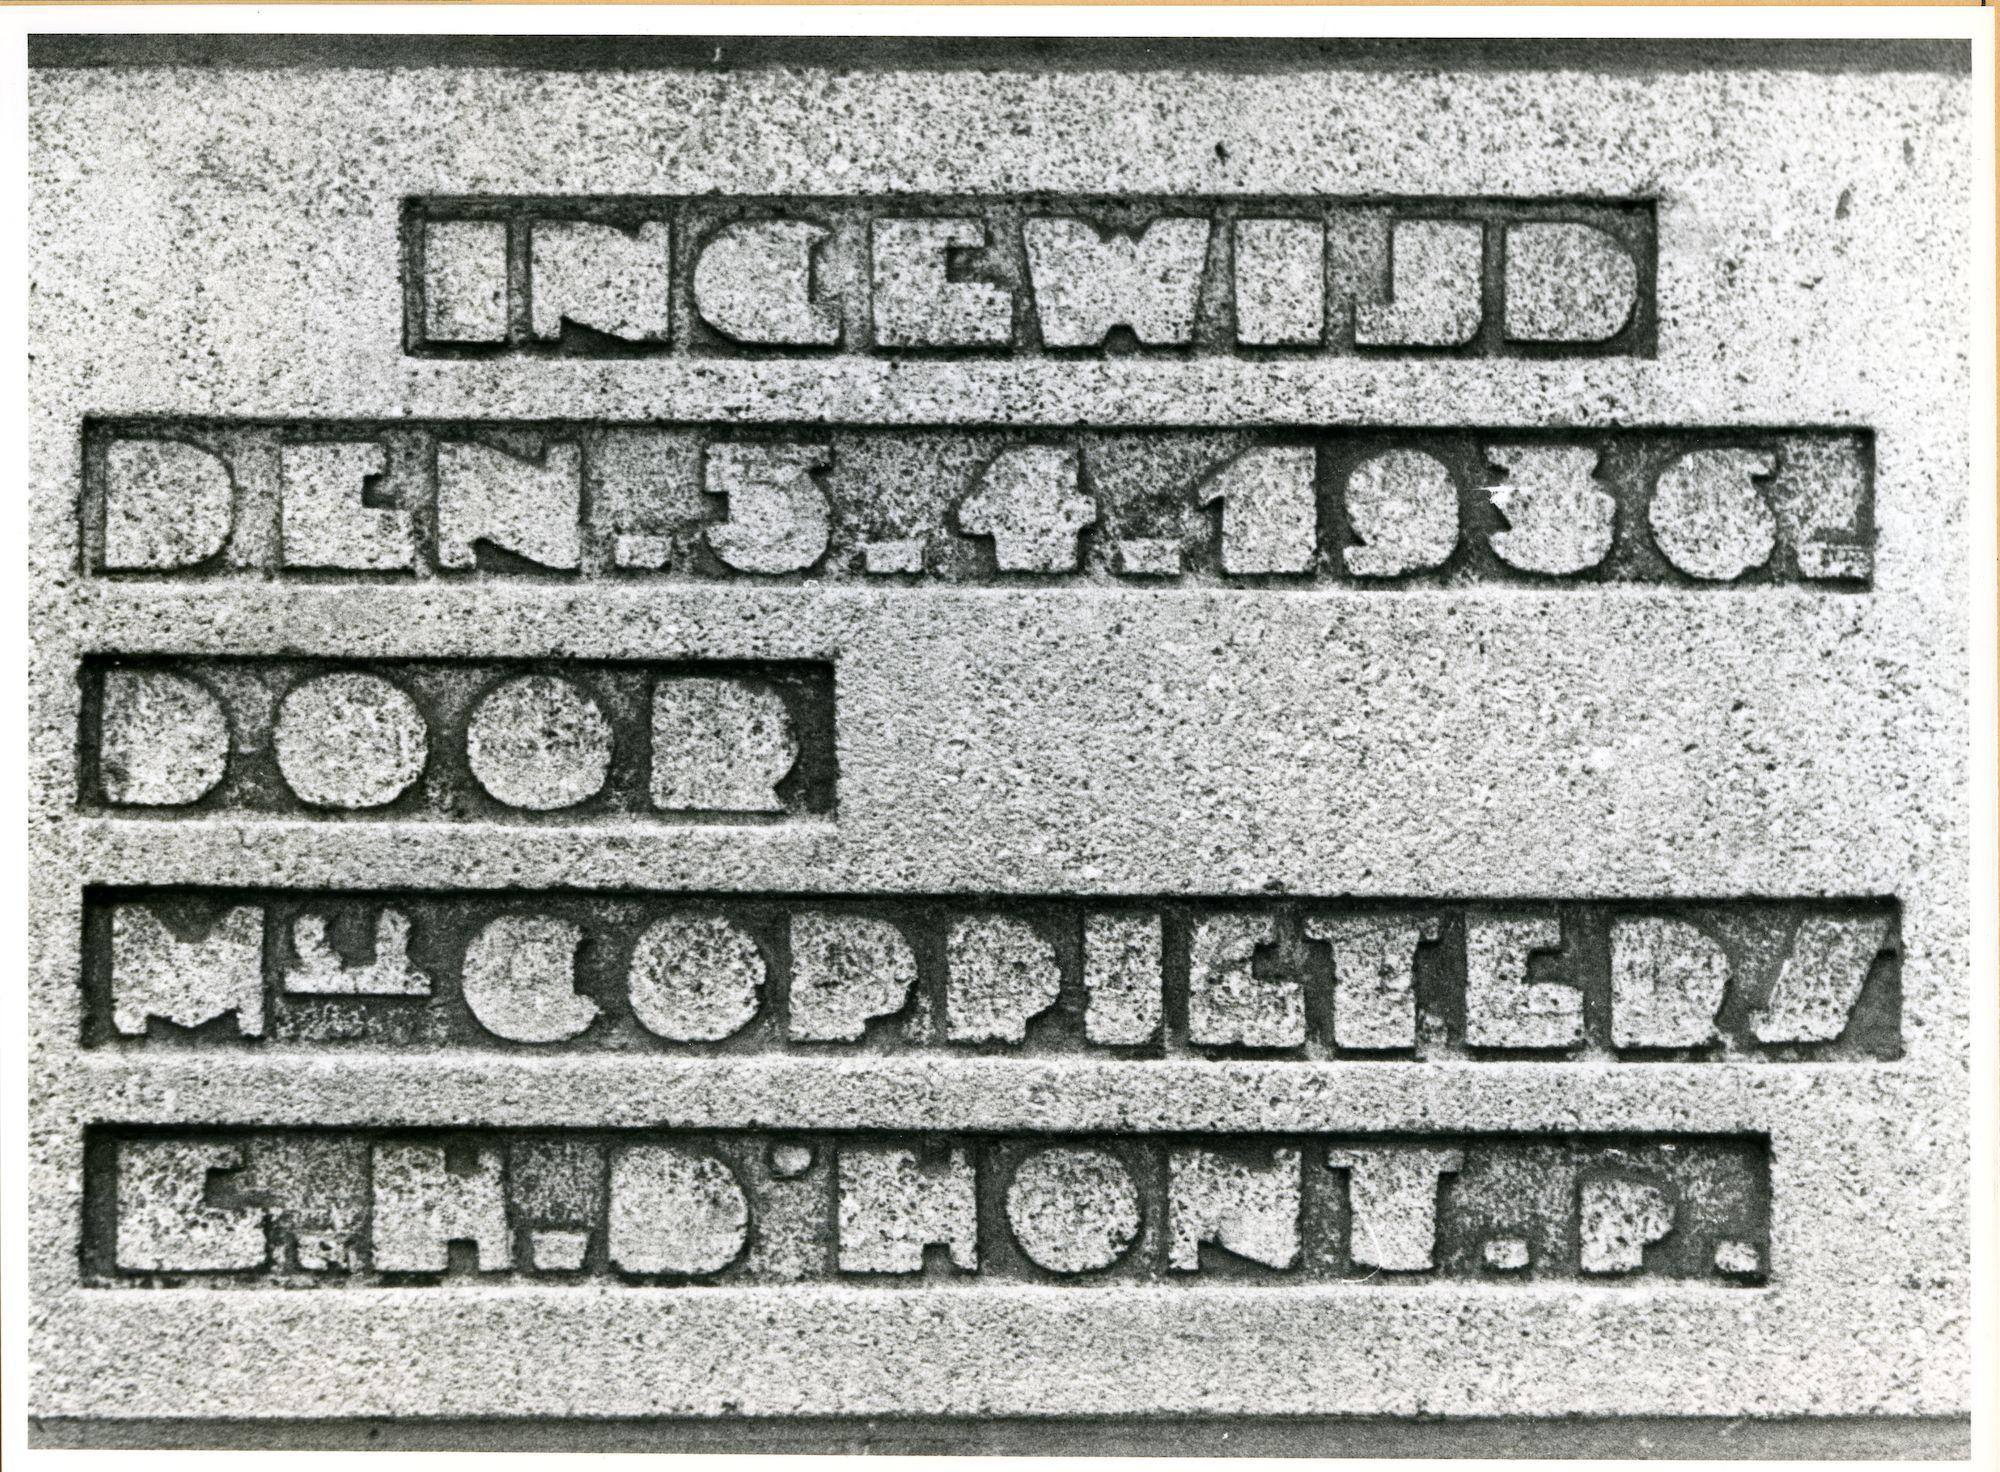 Mariakerke: Eeklostraat: Gedenksteen, 1979